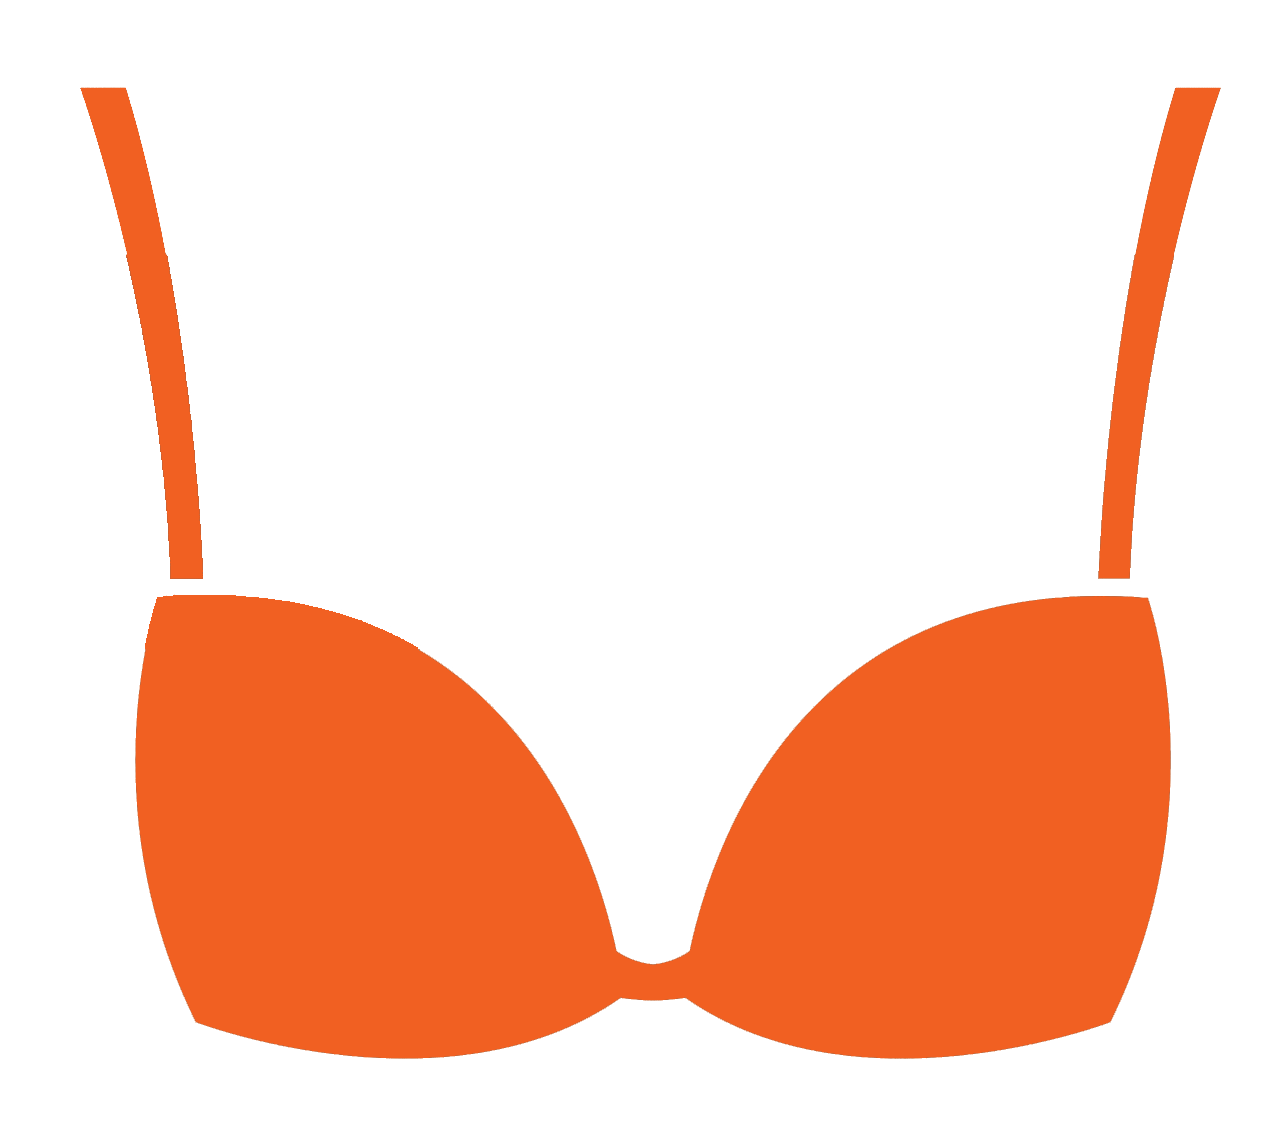 clipart free library Bra clipart. Orange icon png orangebraicon